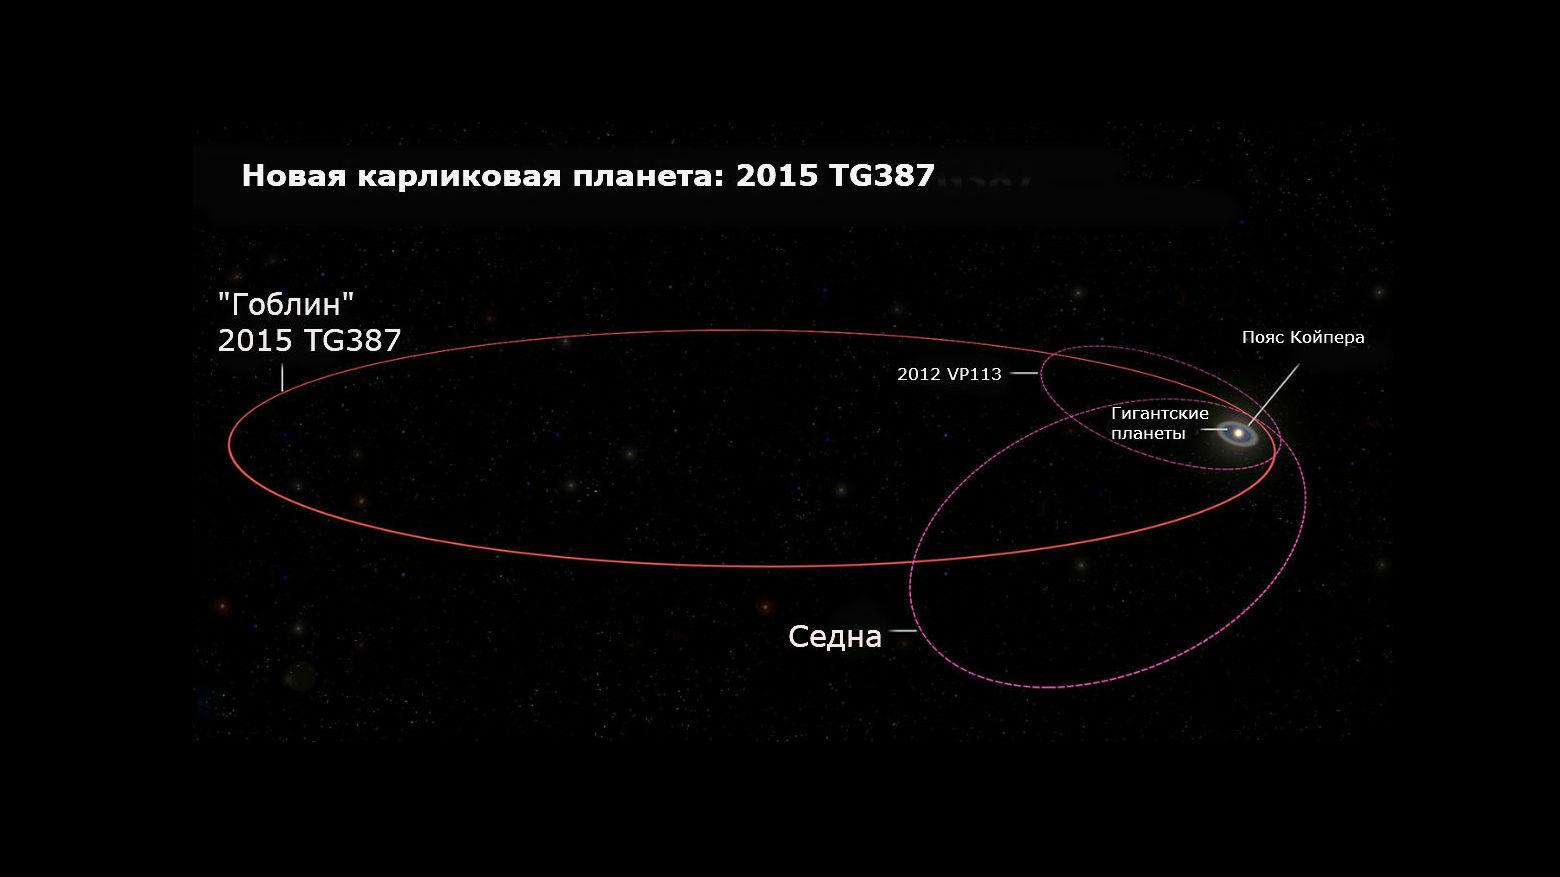 """Орбита объекта 2015 TG387 и его """"собратьев"""" 2012 VP113 и Седны."""